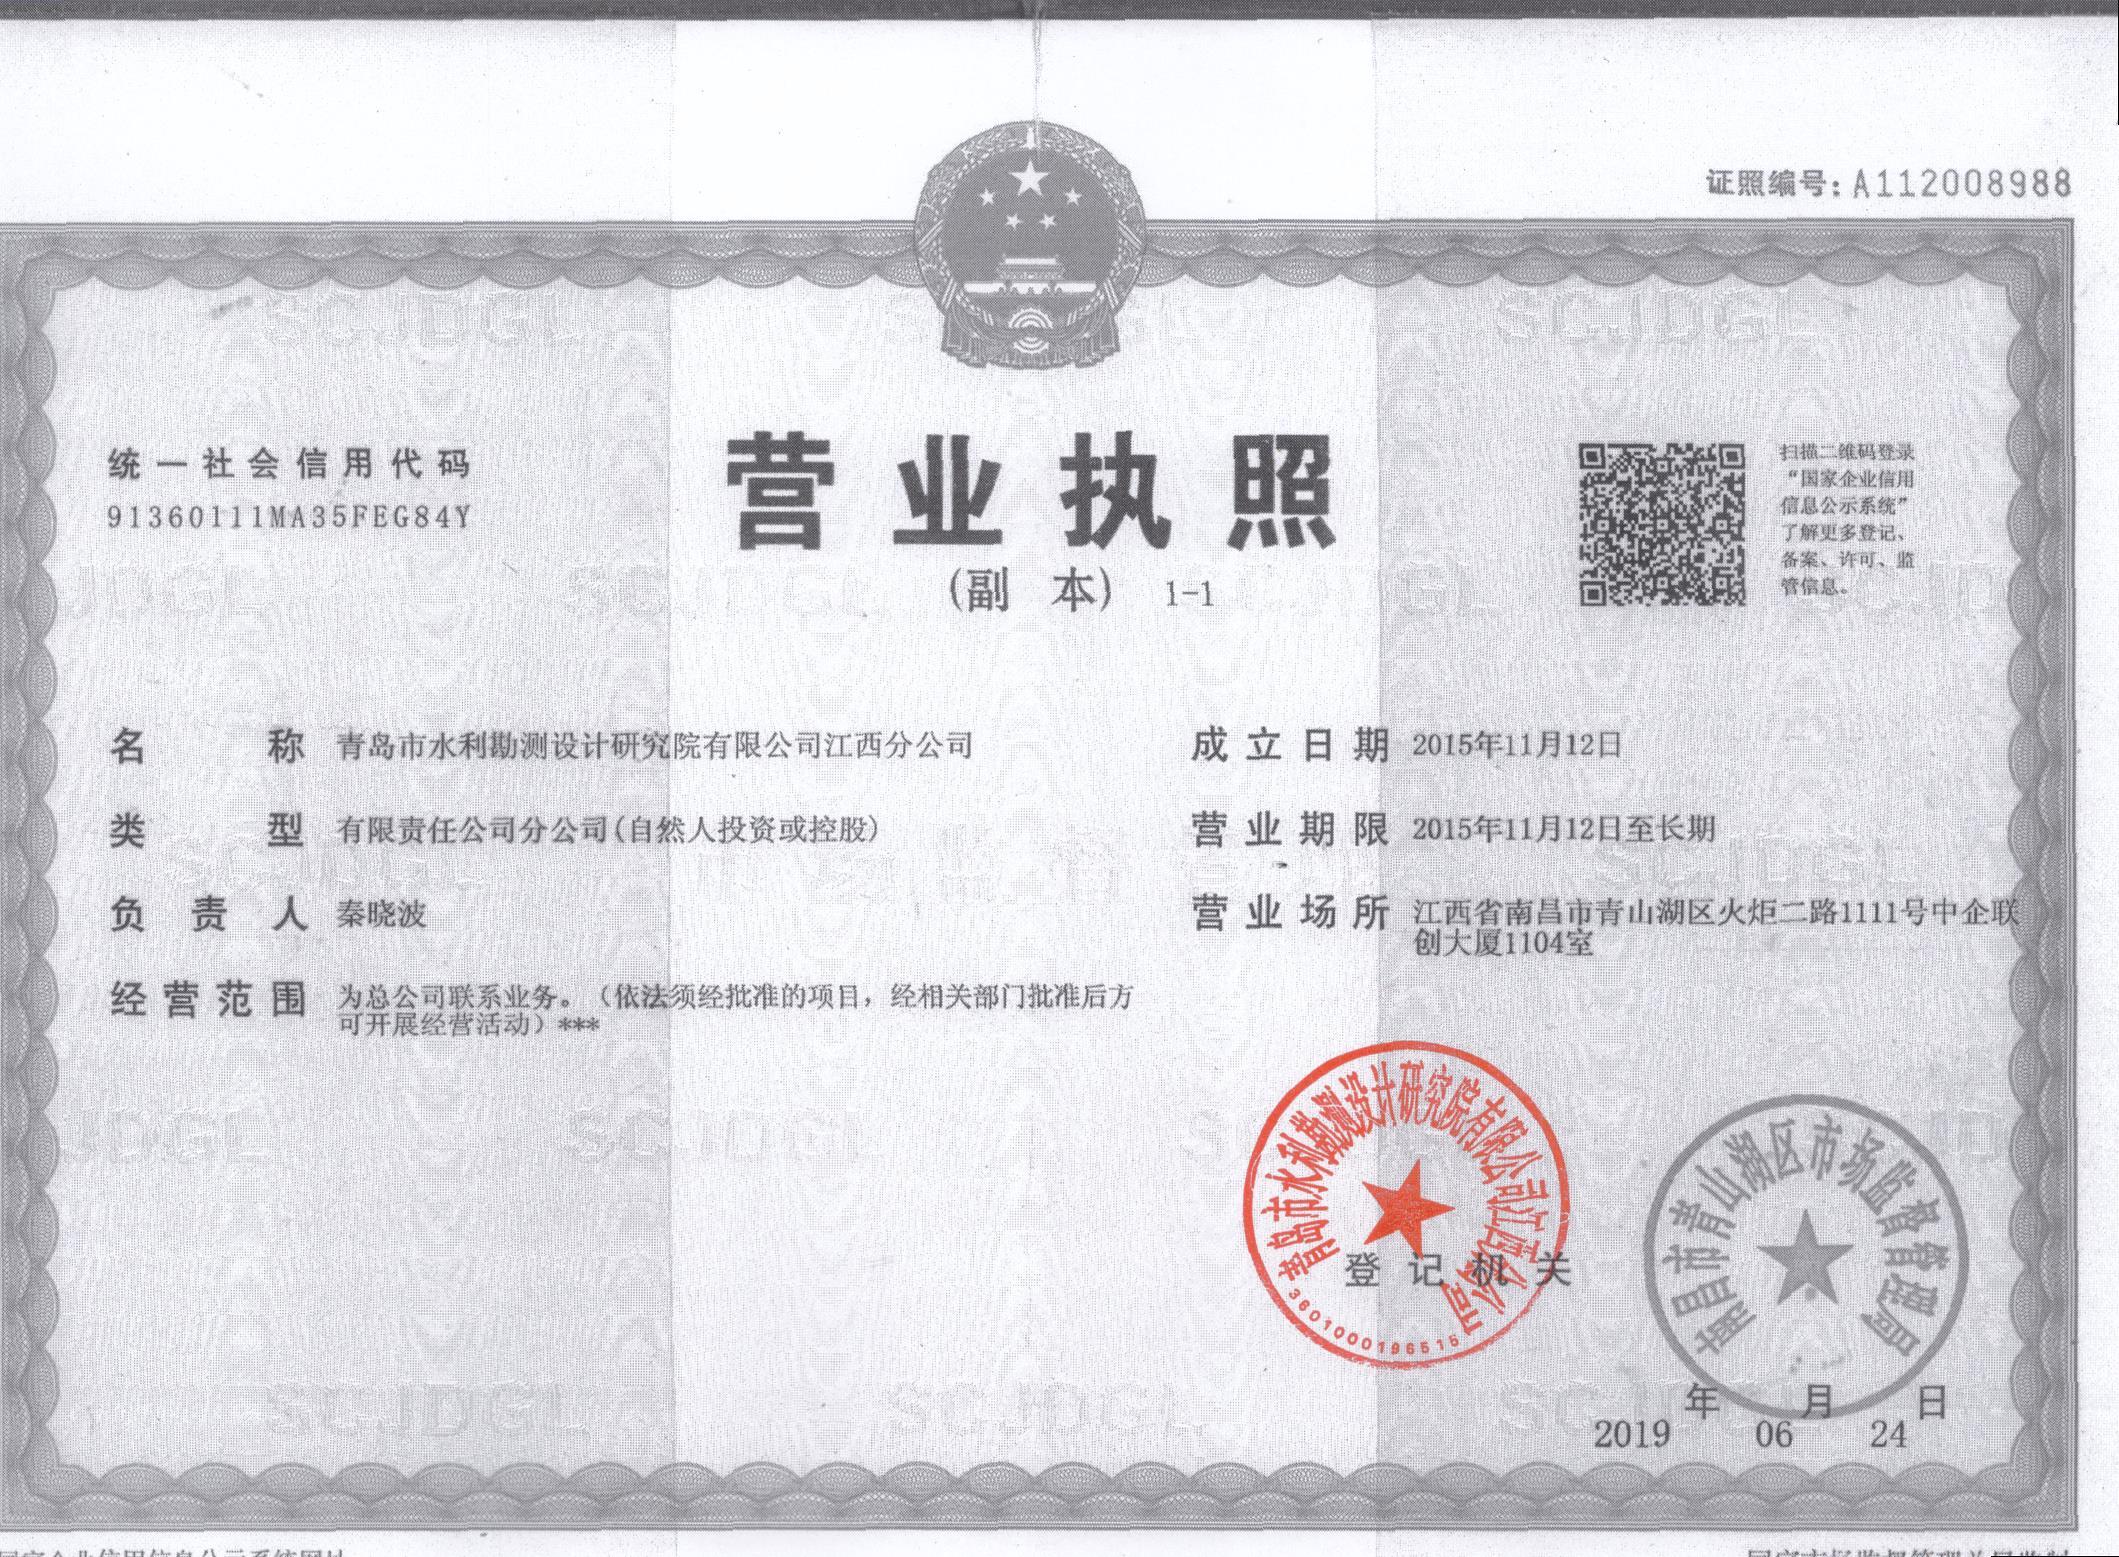 青島市水利勘測設計研究院有限公司江西分公司